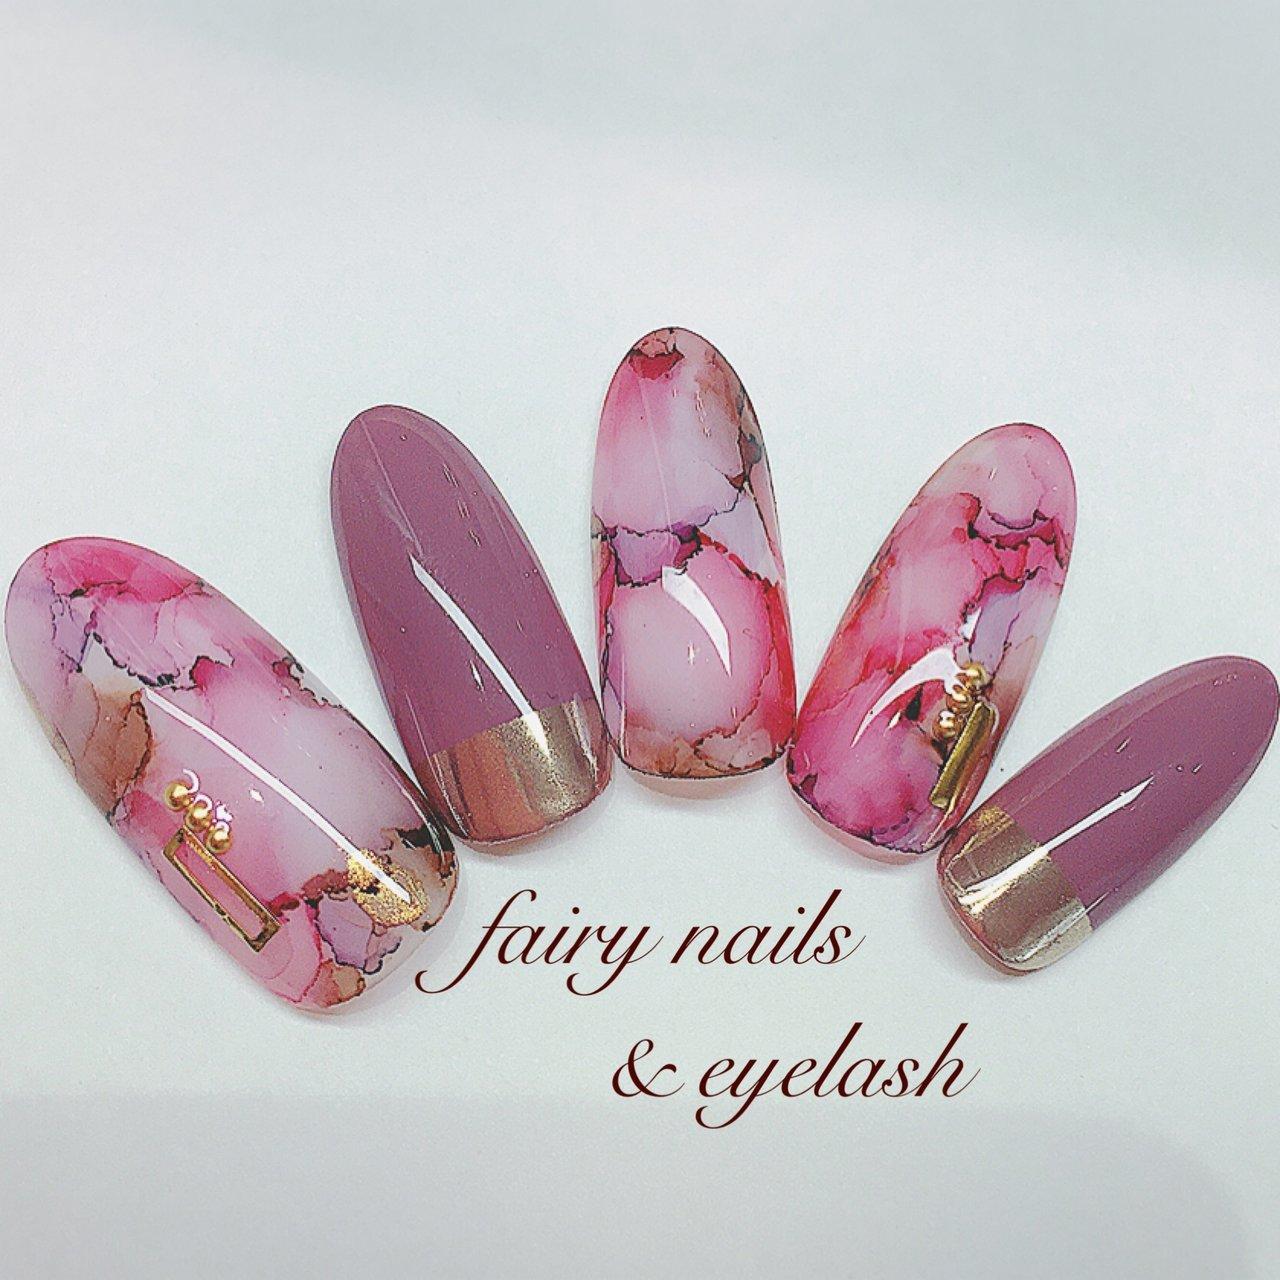 #リキッドマーブル #2020春 #ピンク #ミラーネイル #春 #夏 #ハンド #タイダイ #大理石 #ニュアンス #ロング #ピンク #パープル #ボルドー #ジェル #ネイルチップ #fairy nails & eyelash フェアリーネイルズ&アイラッシュ #ネイルブック